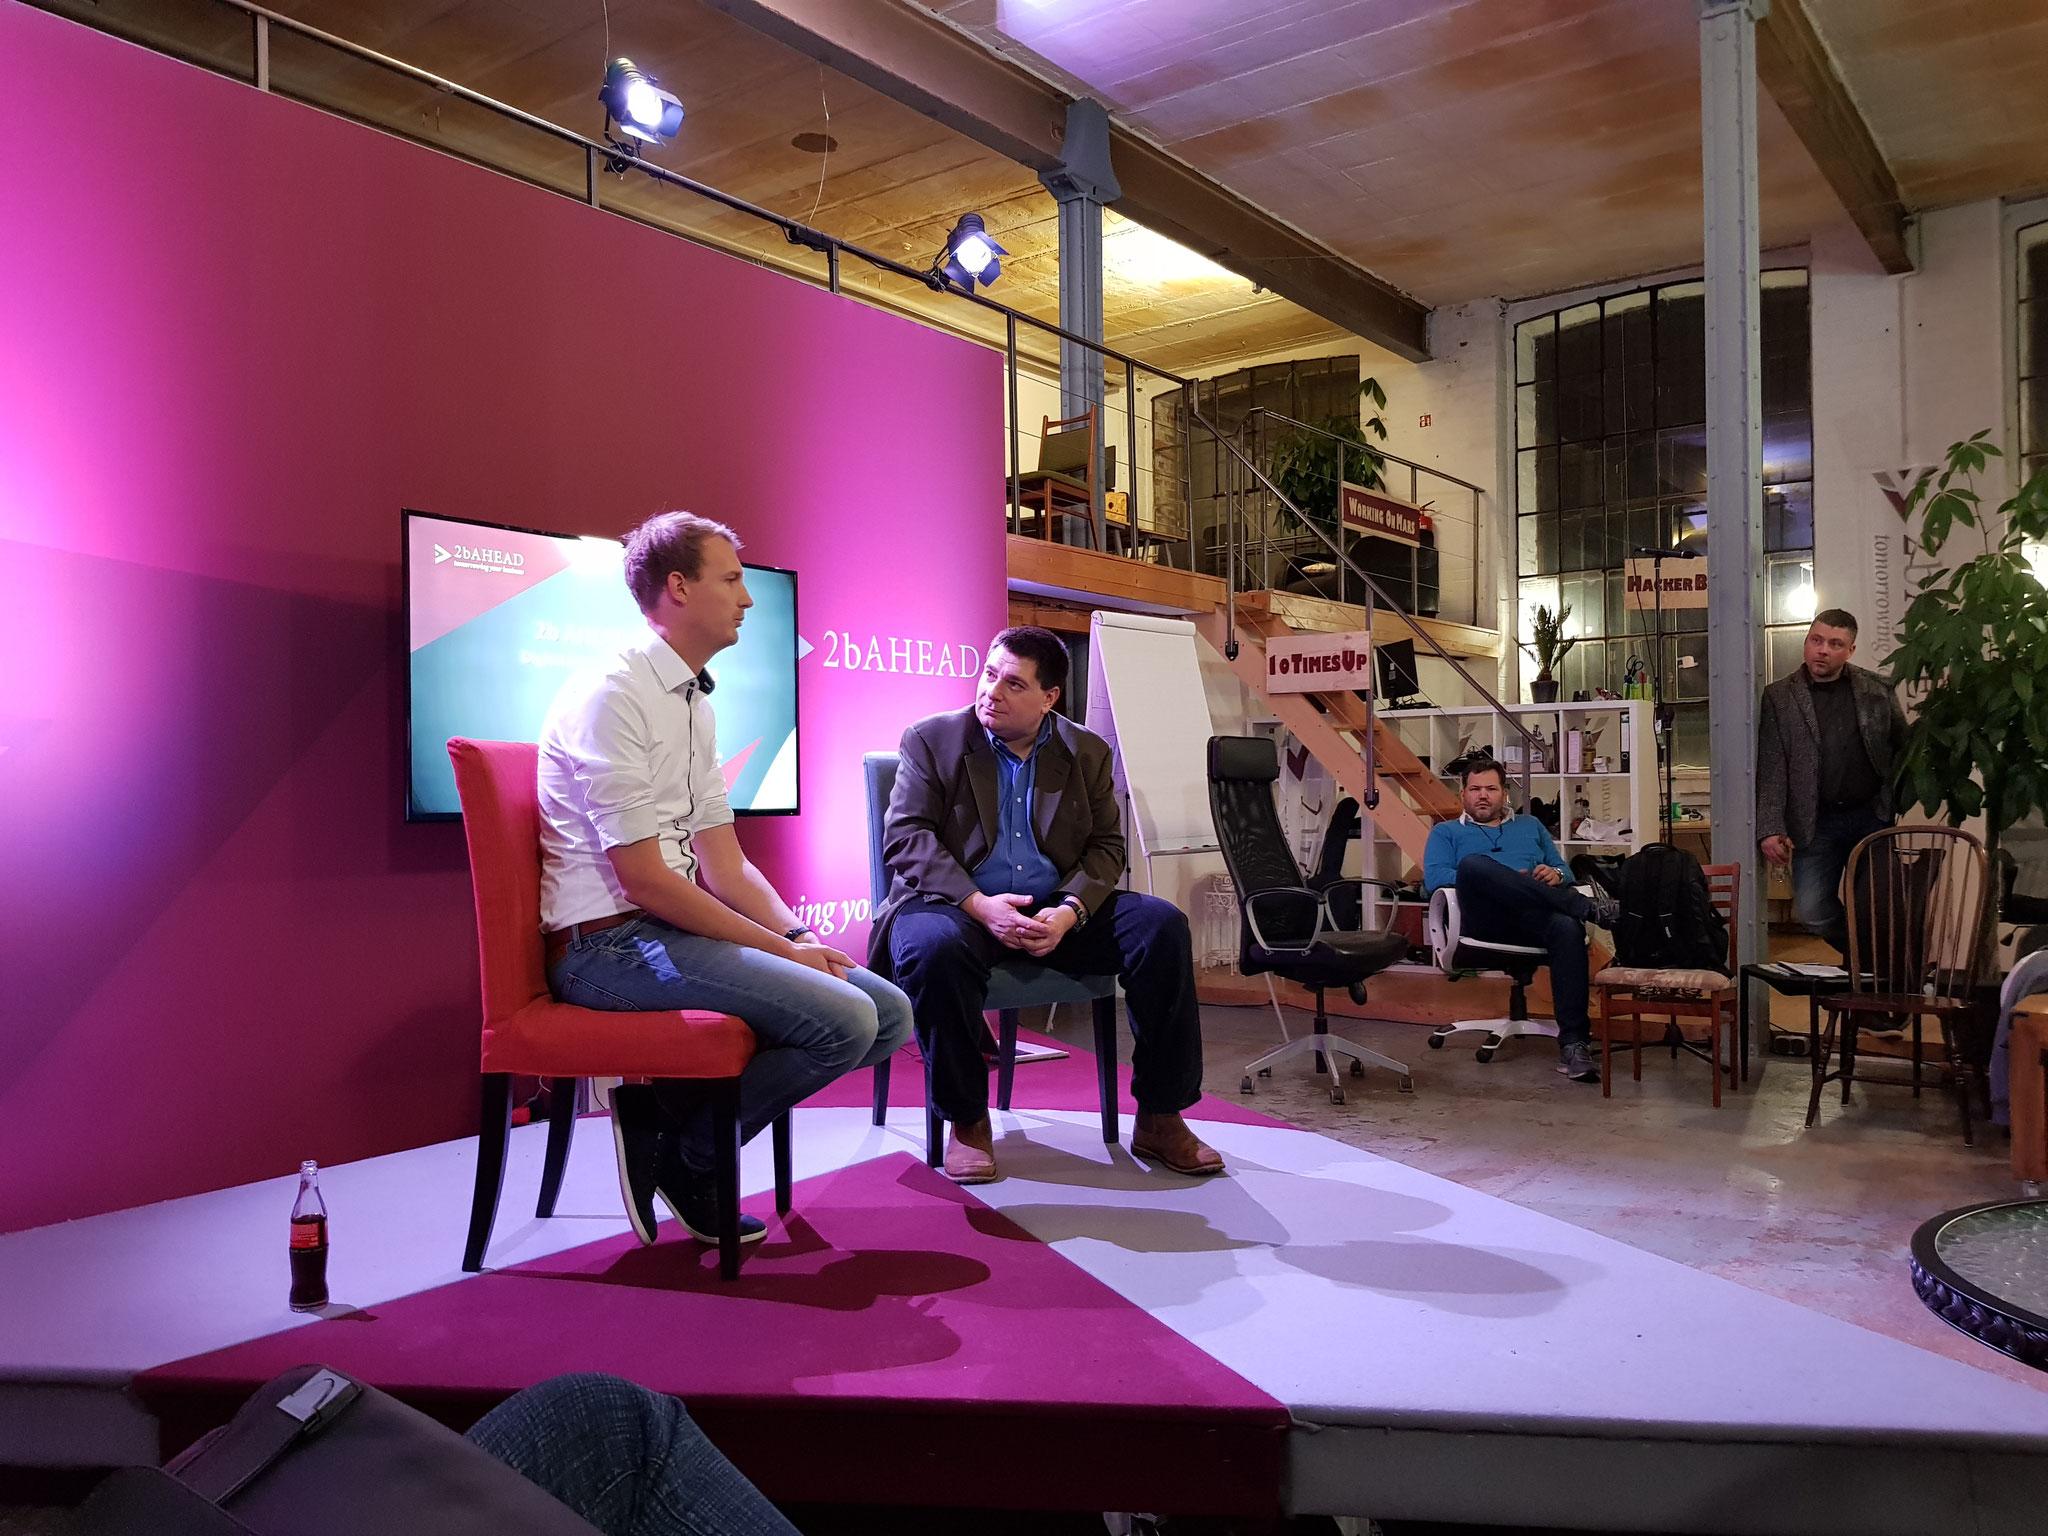 2b AHEAD Ventures CEO Stefan Jenzowsky im Gespräch mit Michael Hübl auf einem Ventures Founder Event